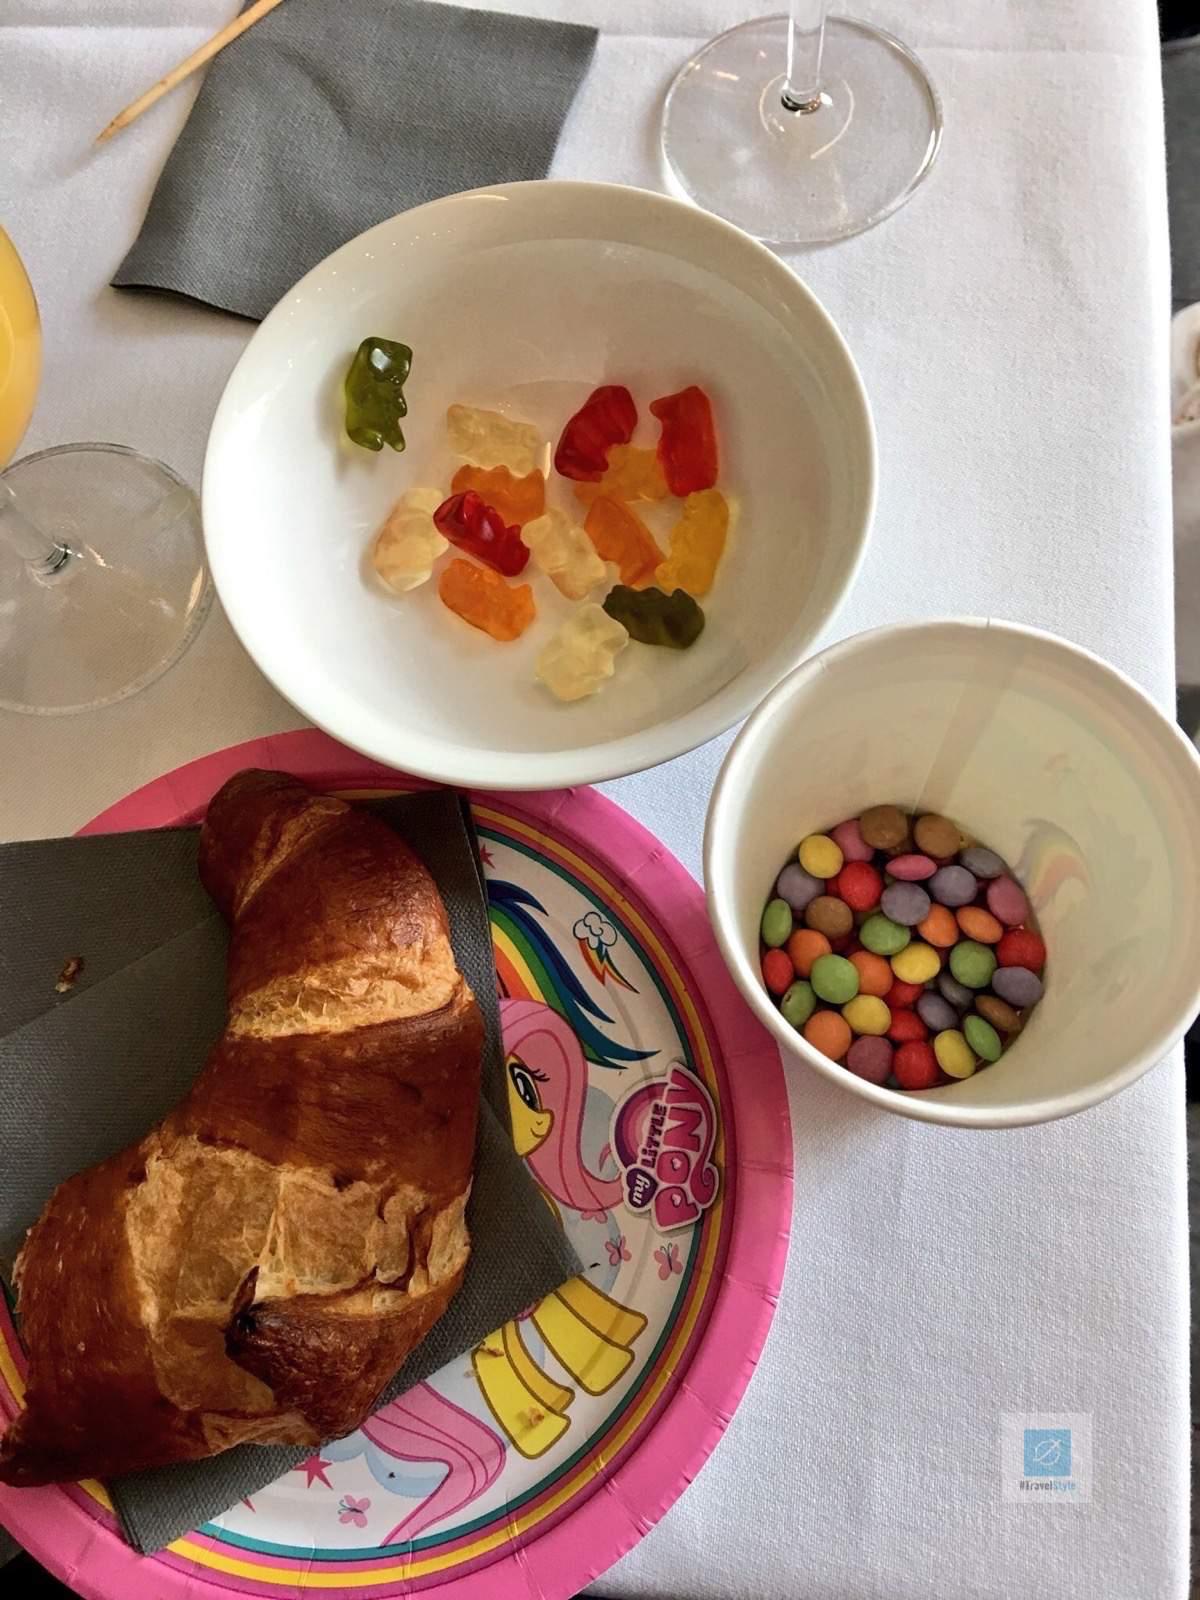 Das Kinderfrühstück - einmal im Jahr darf es ungesund sein